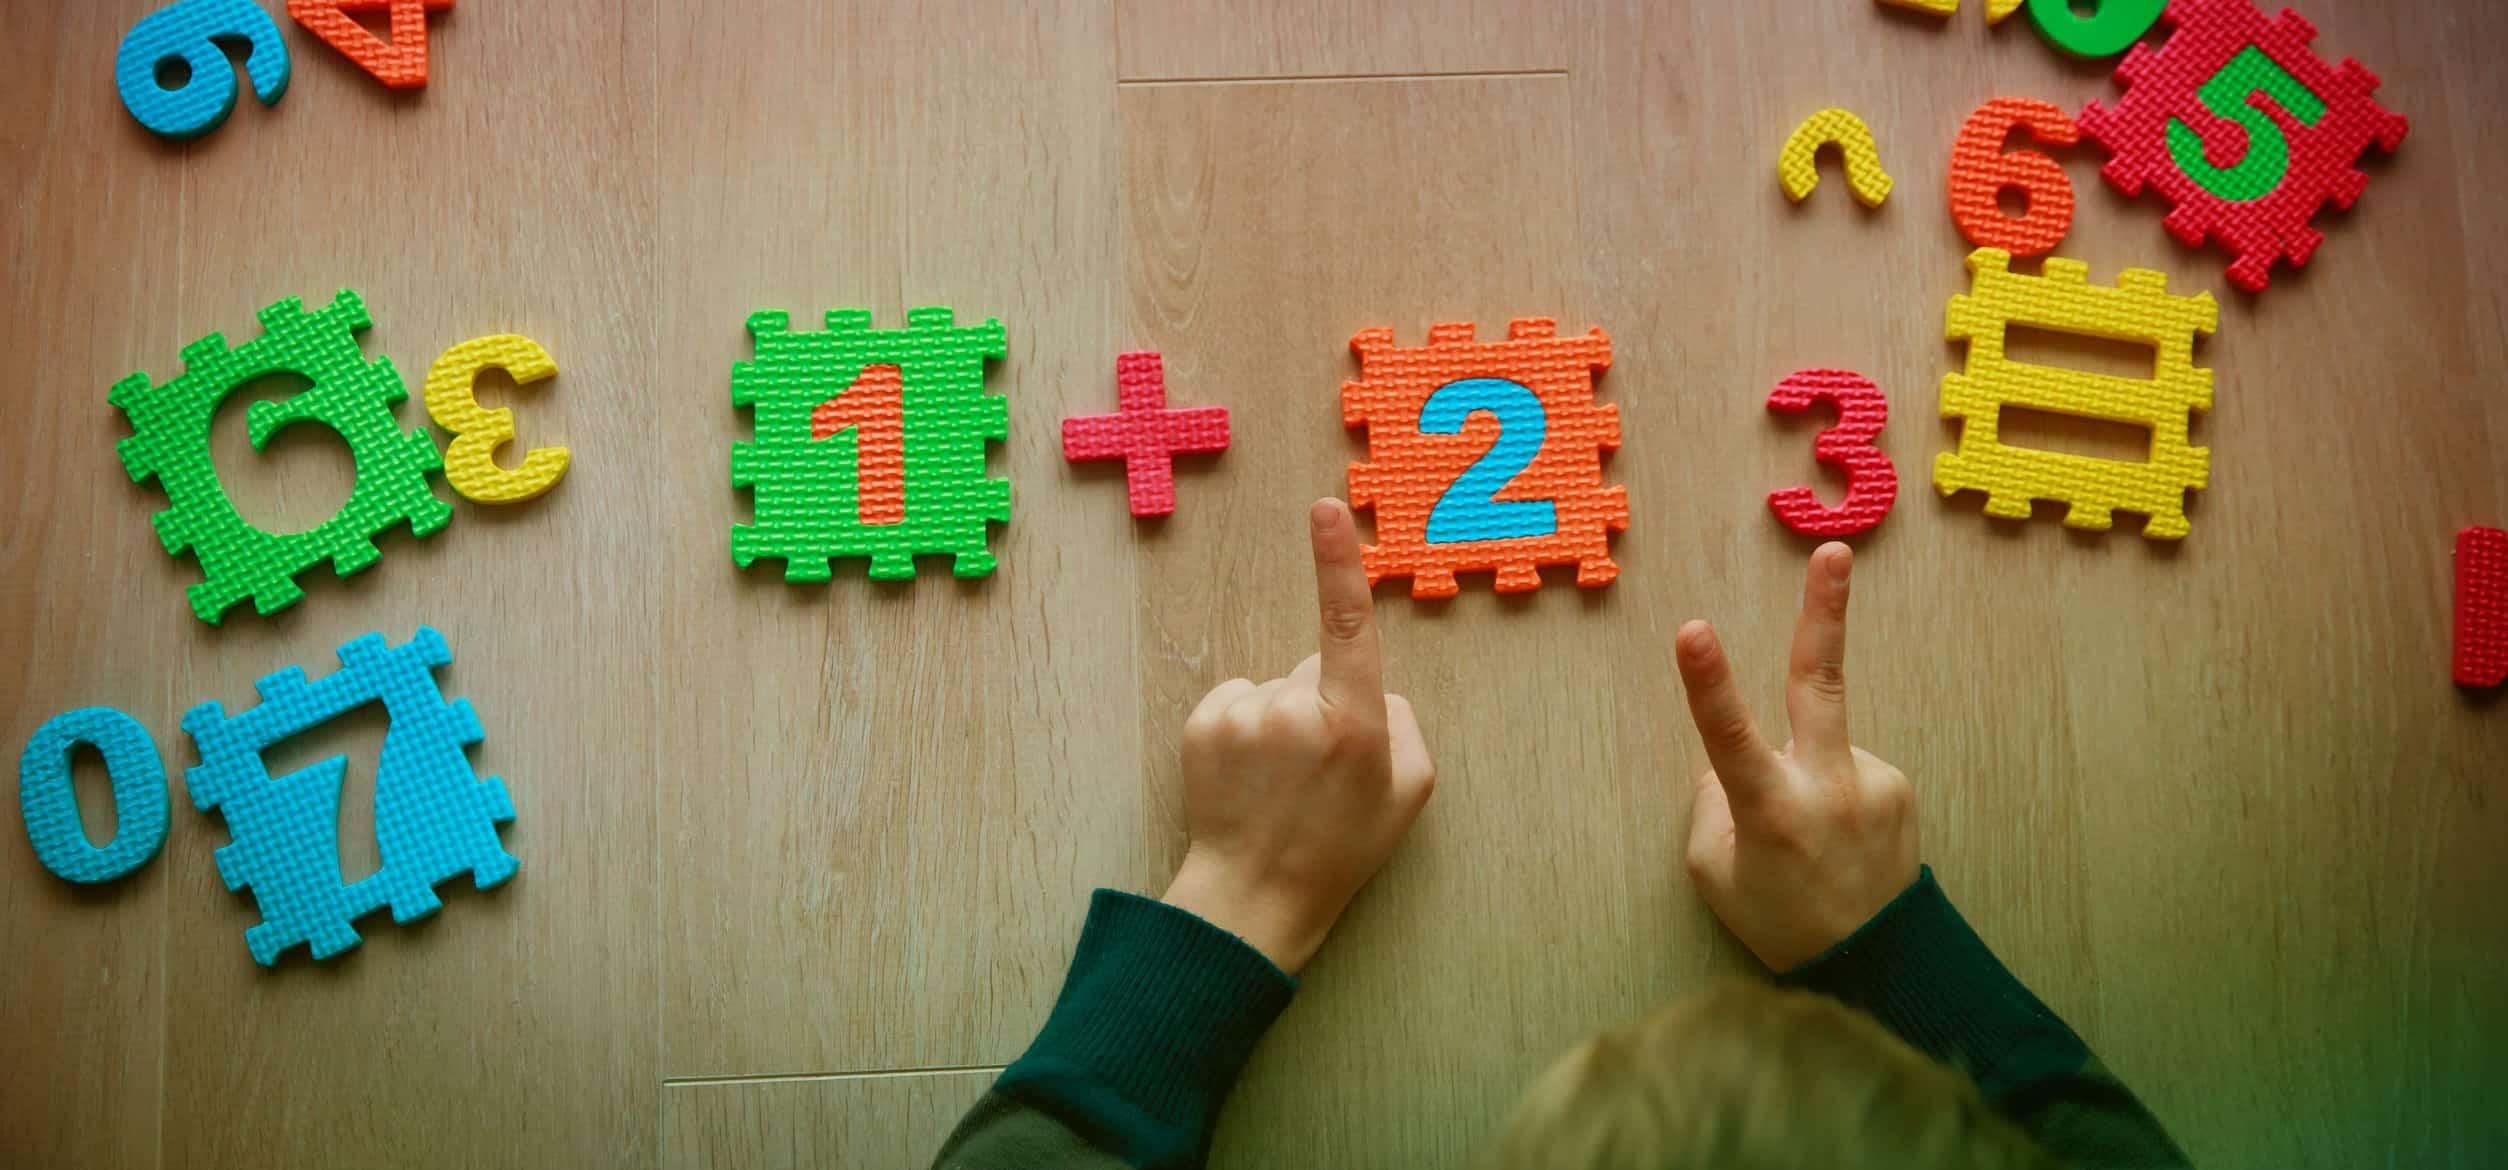 Juguetes para niños de cuatro años: ¿Cuál es el mejor del 2020?